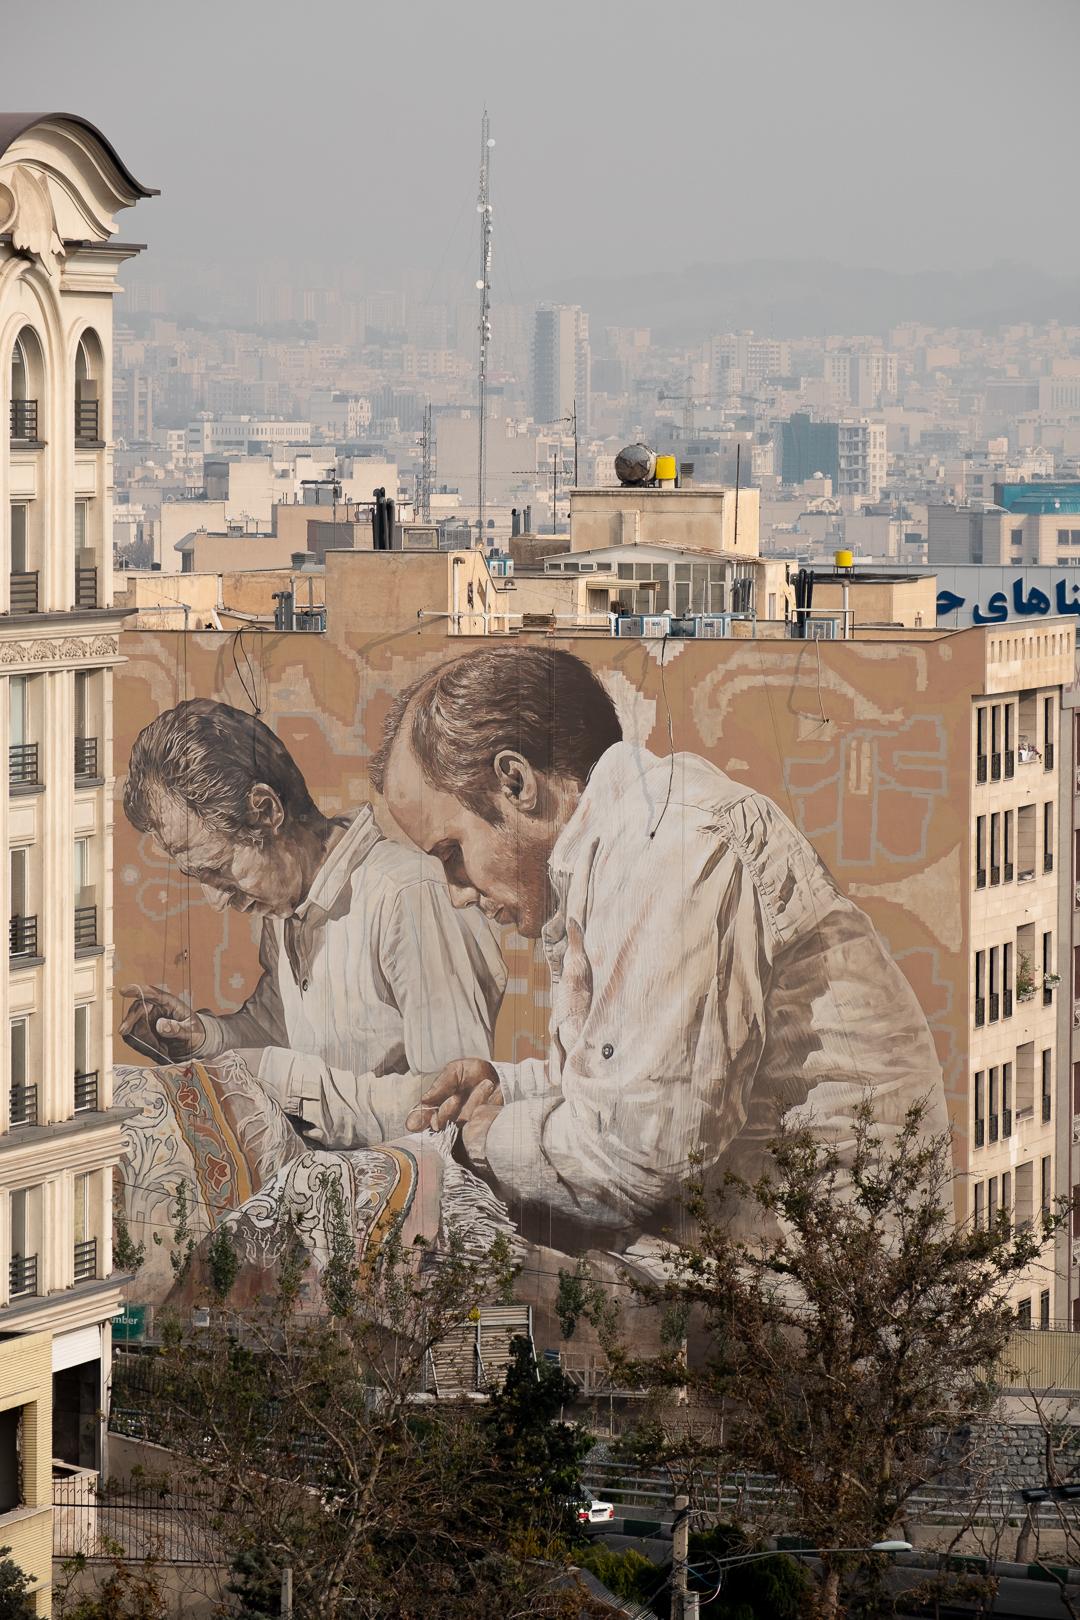 Fintan Magee & Guido Van Helten in Tehran, Iran Artes & contextos TehranGVH Instagram 2857